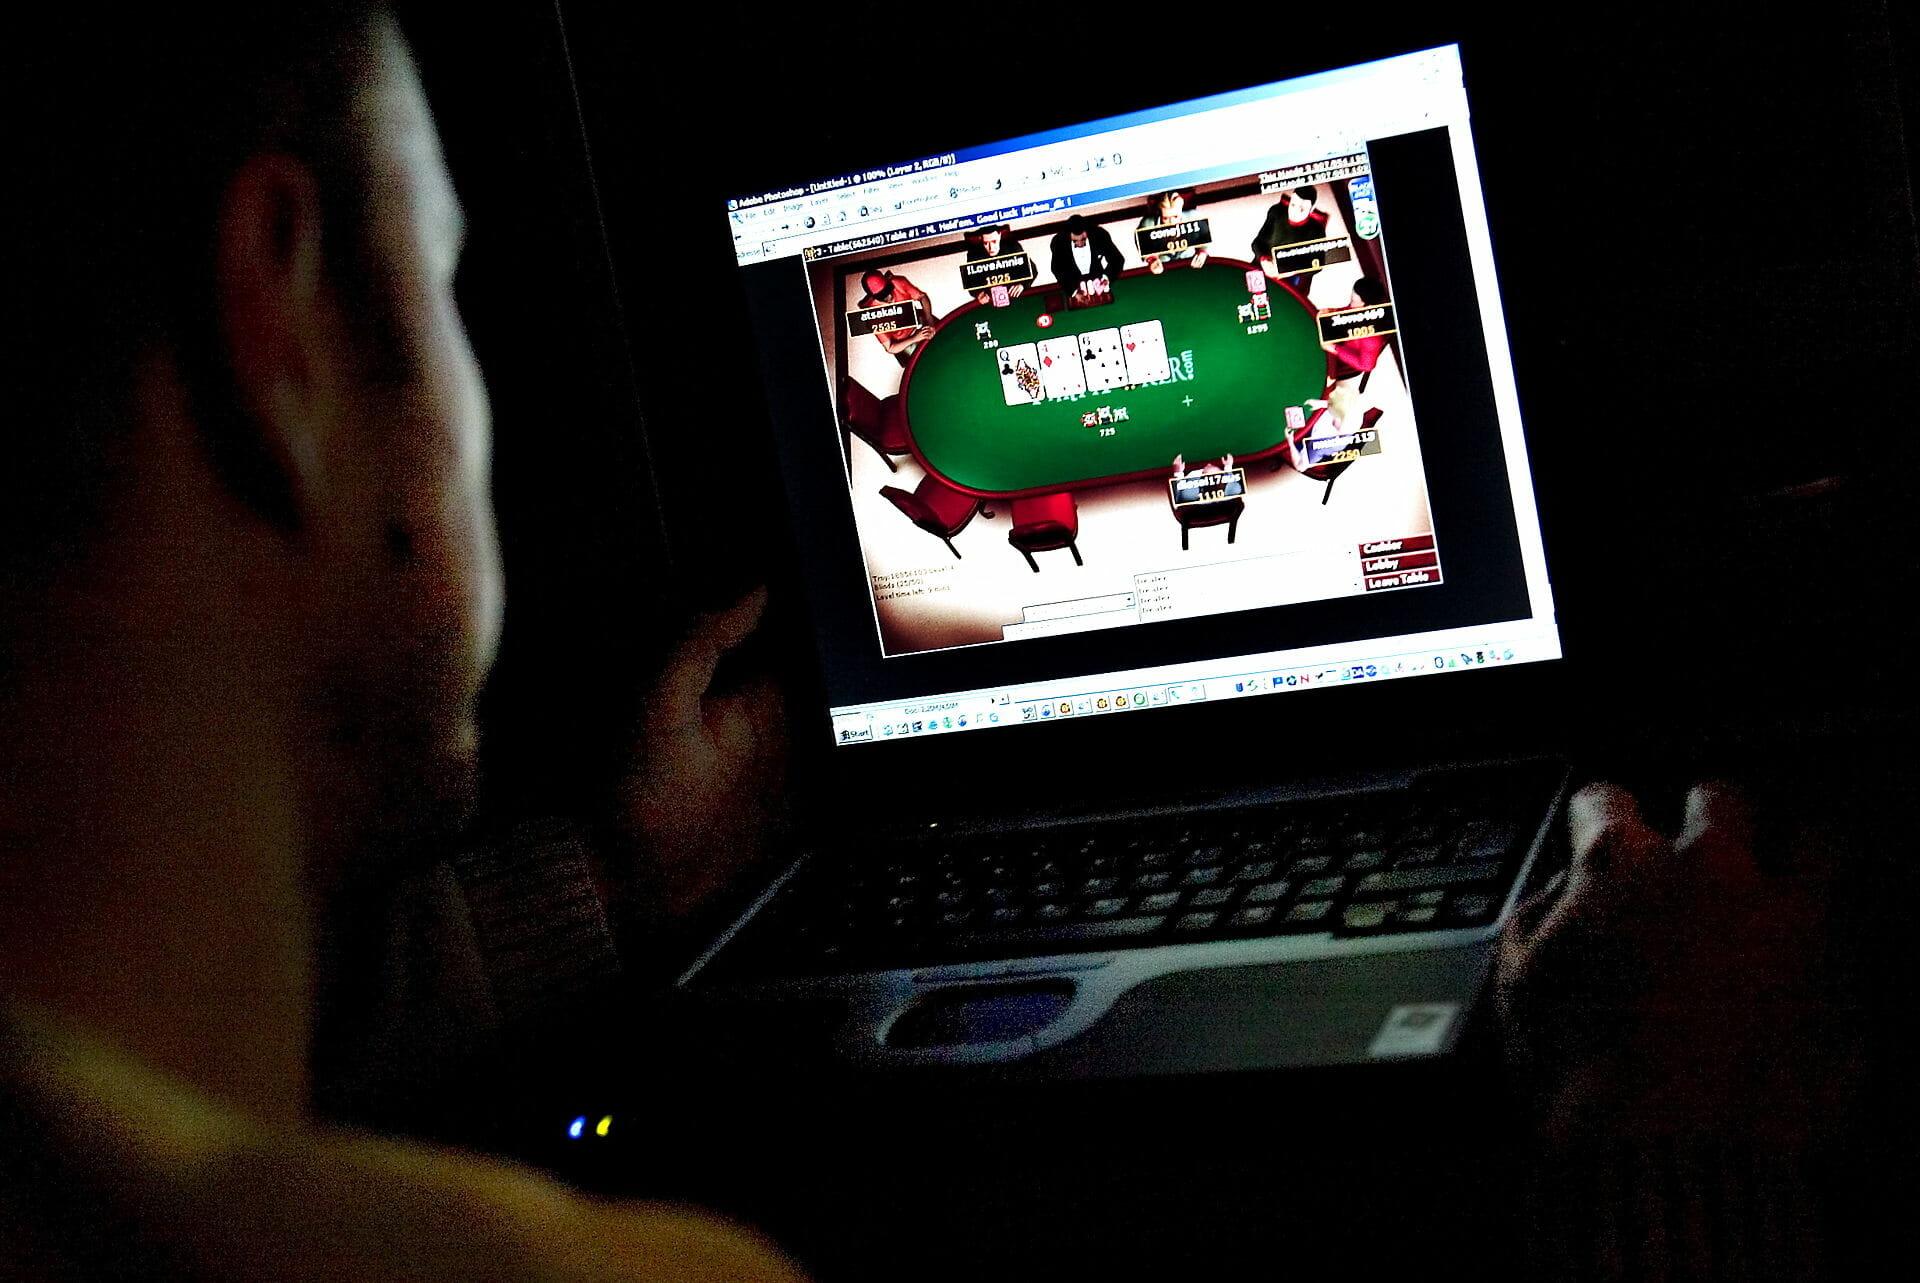 Internettet får danskerne til at gamble som aldrig før